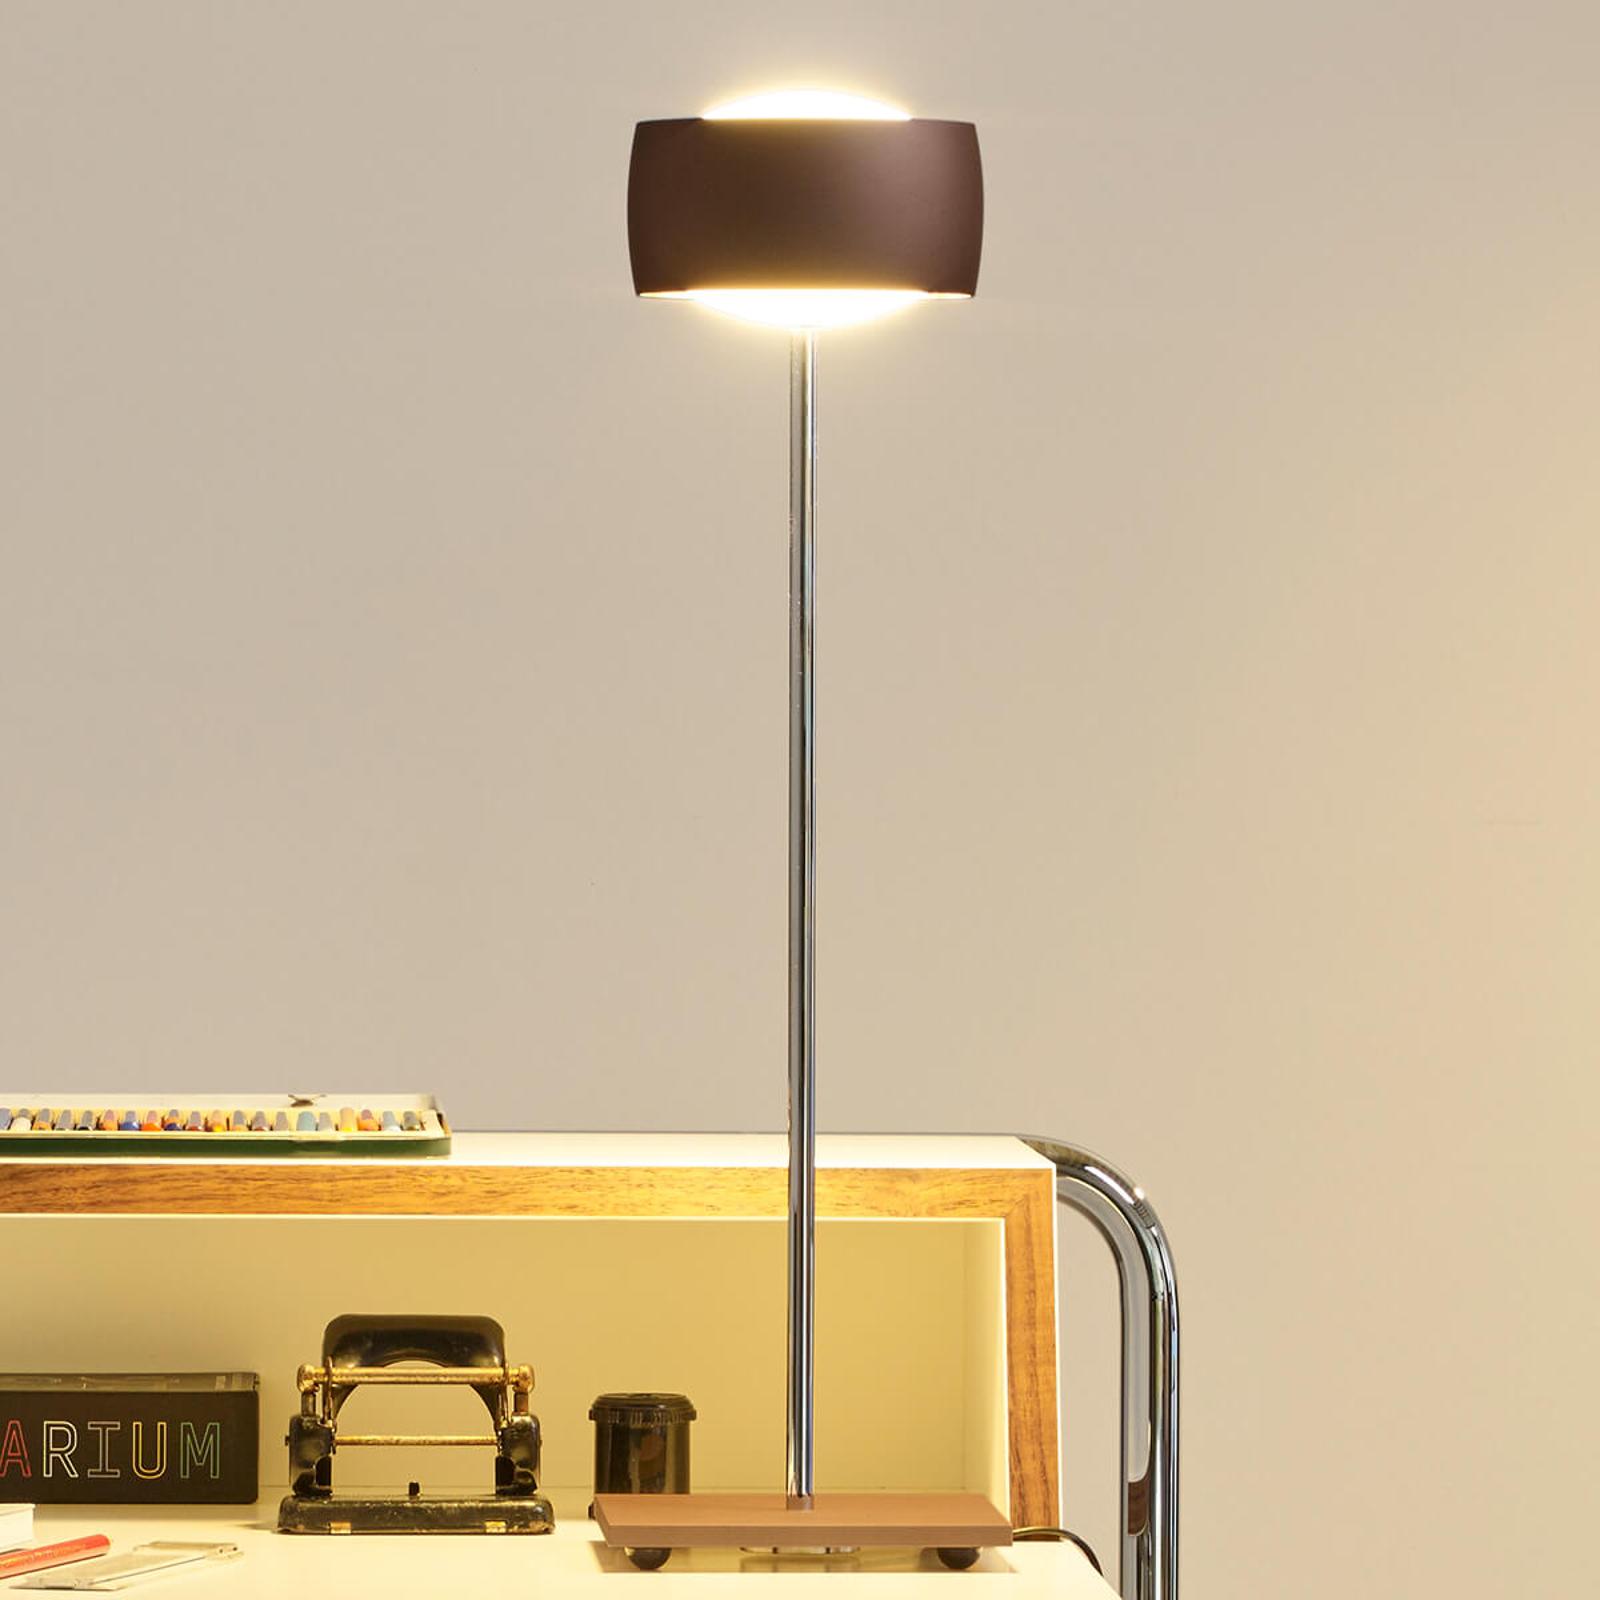 Lampe à poser LED à détection Grace, brune